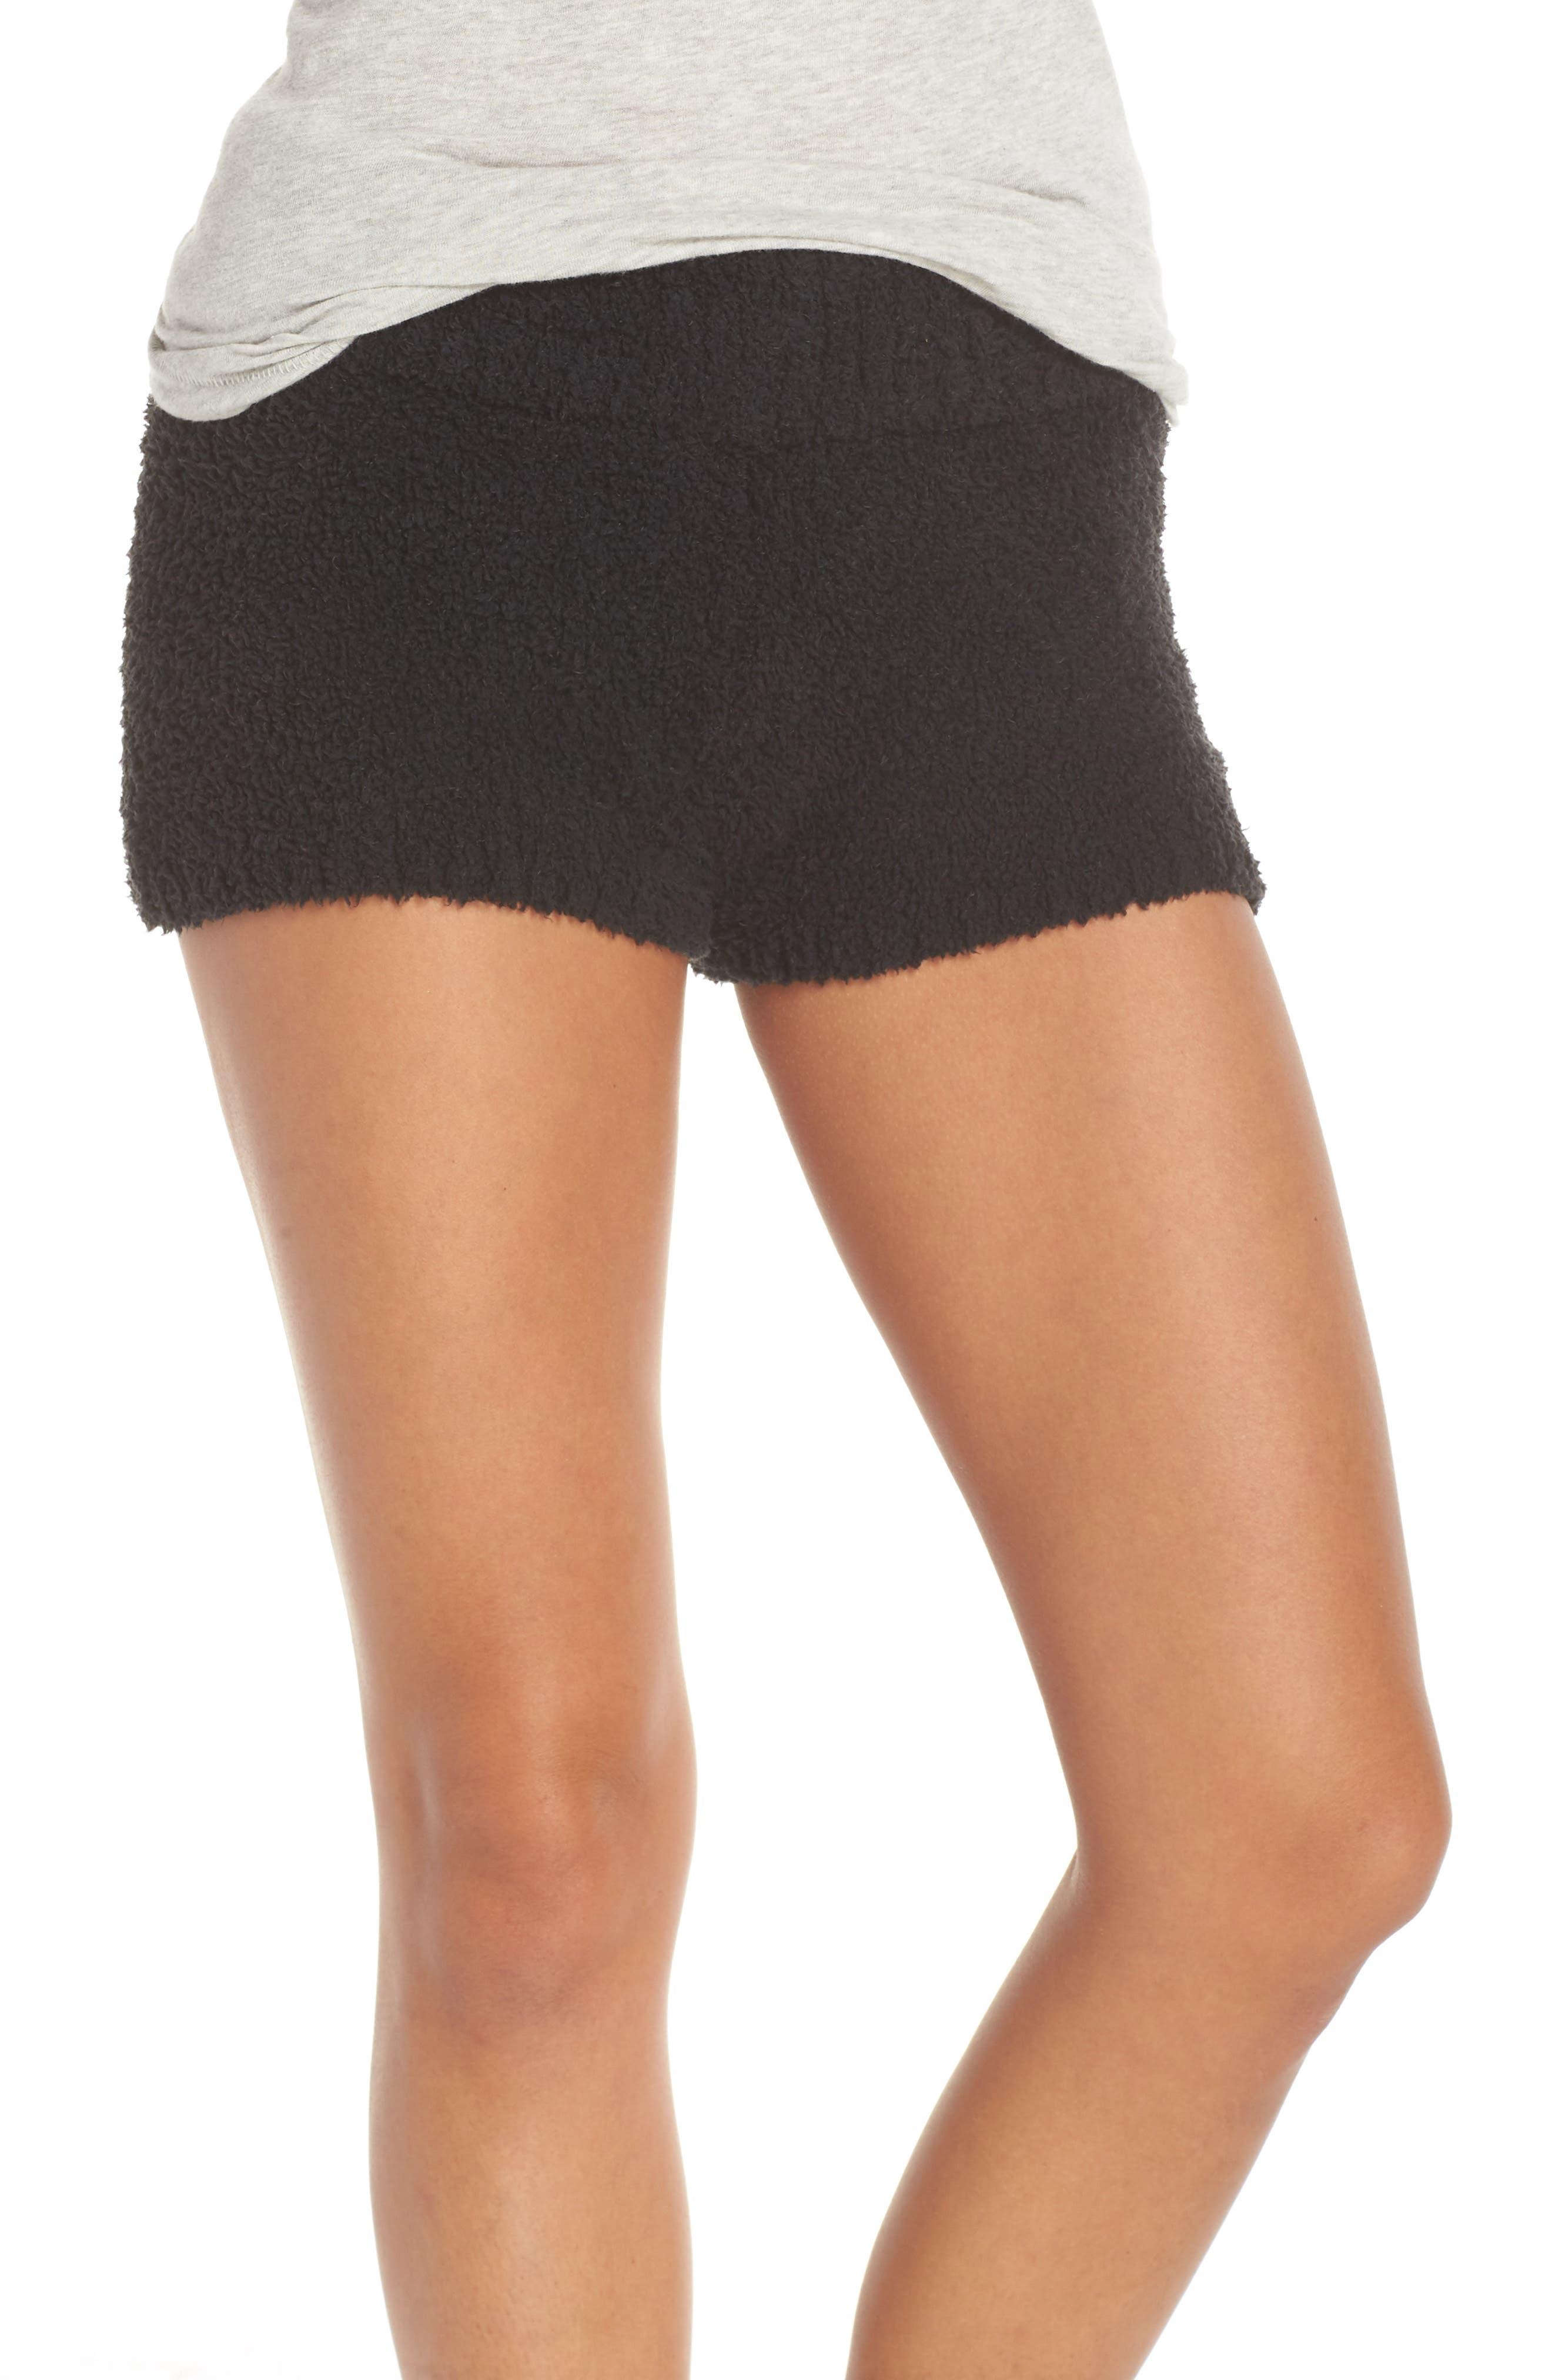 Shilo Shorts,                             Main thumbnail 1, color,                             BLACK